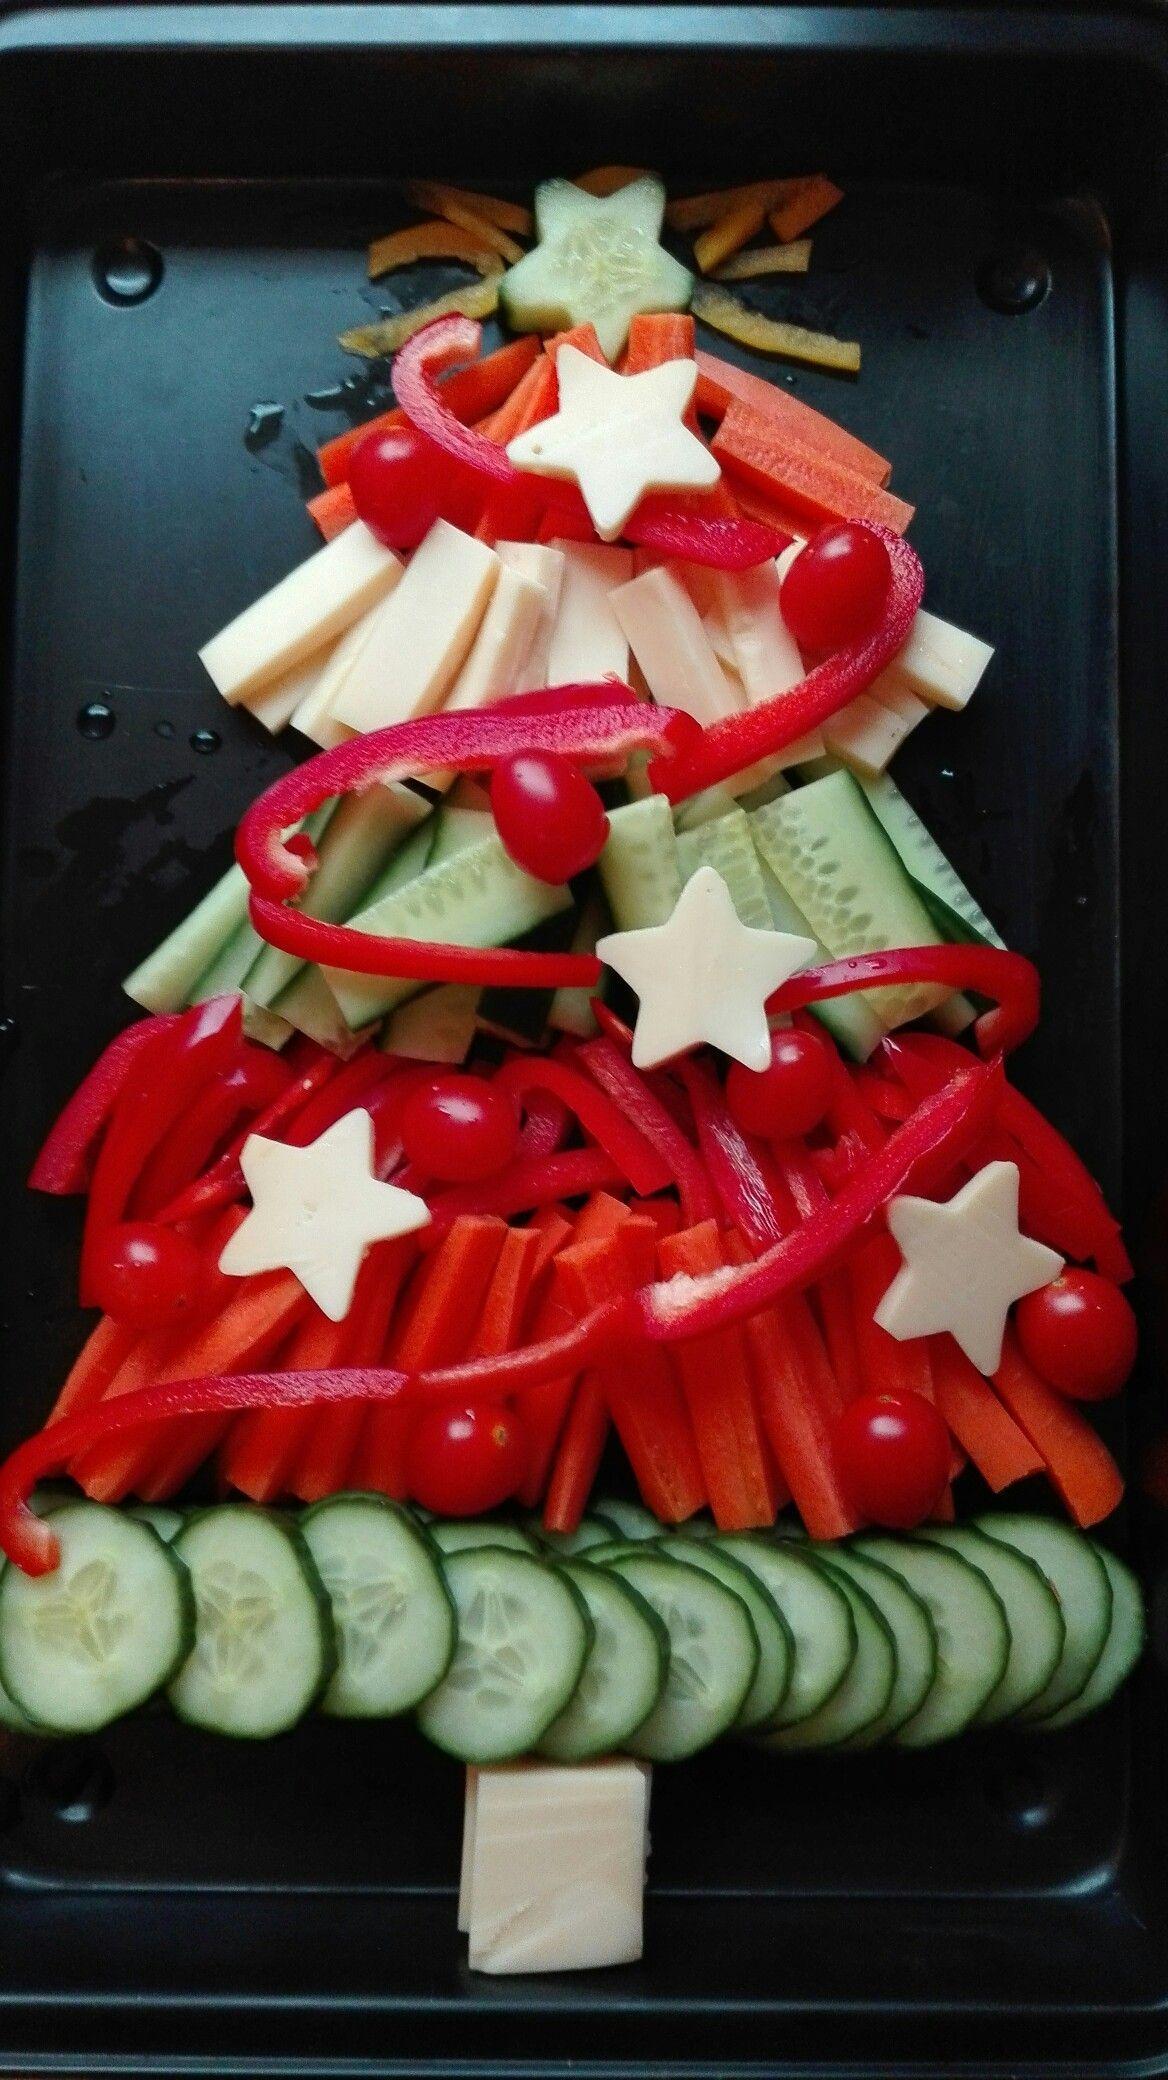 Für die Weihnachtsfeier im Kindergarten #fingerfoodweihnachten Für die Weihnac... - Apfel Kuchen #childrenpartyfoods